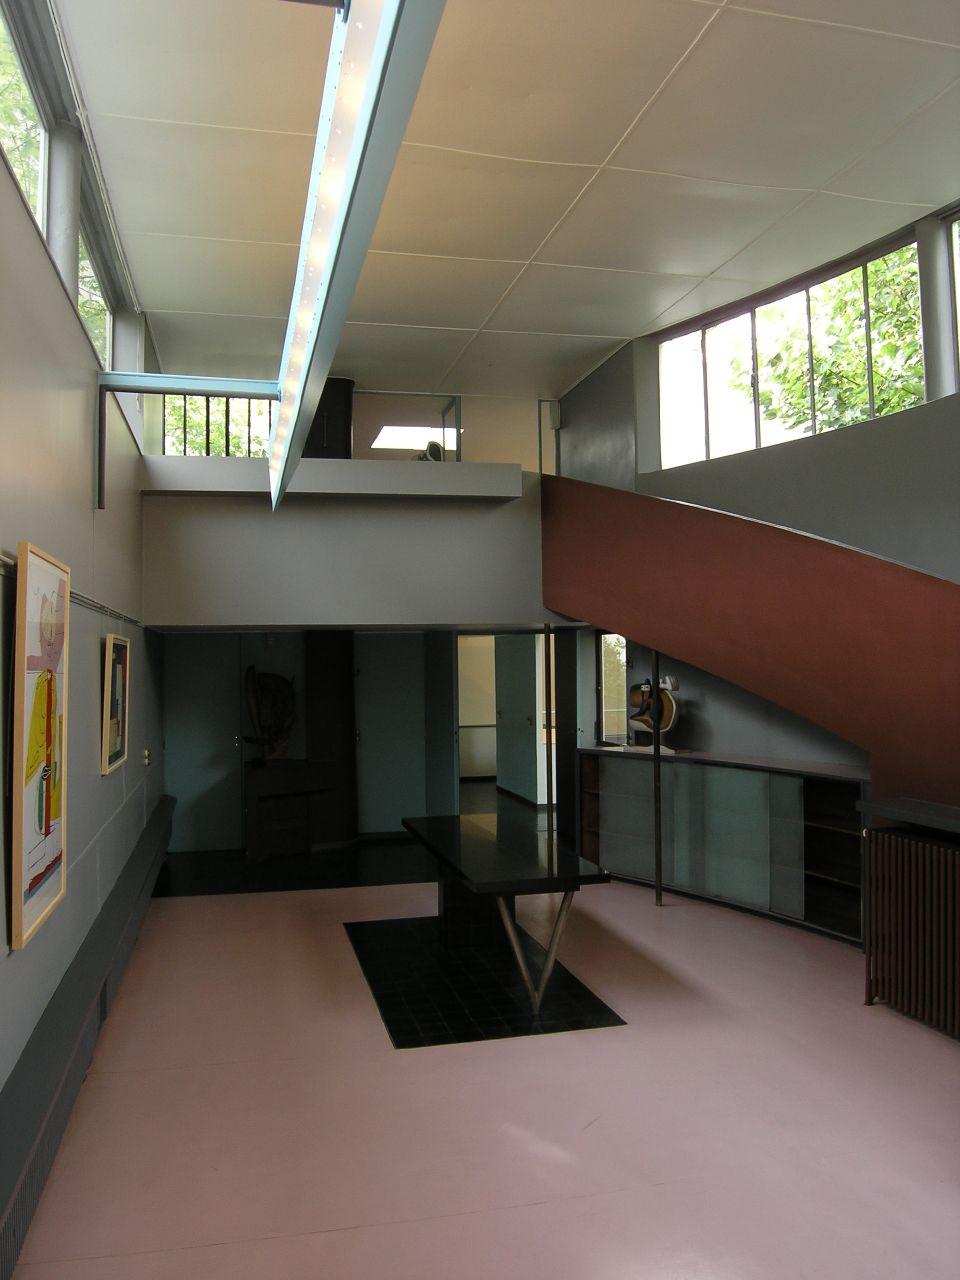 maison la roche 8 wikiarquitectura. Black Bedroom Furniture Sets. Home Design Ideas